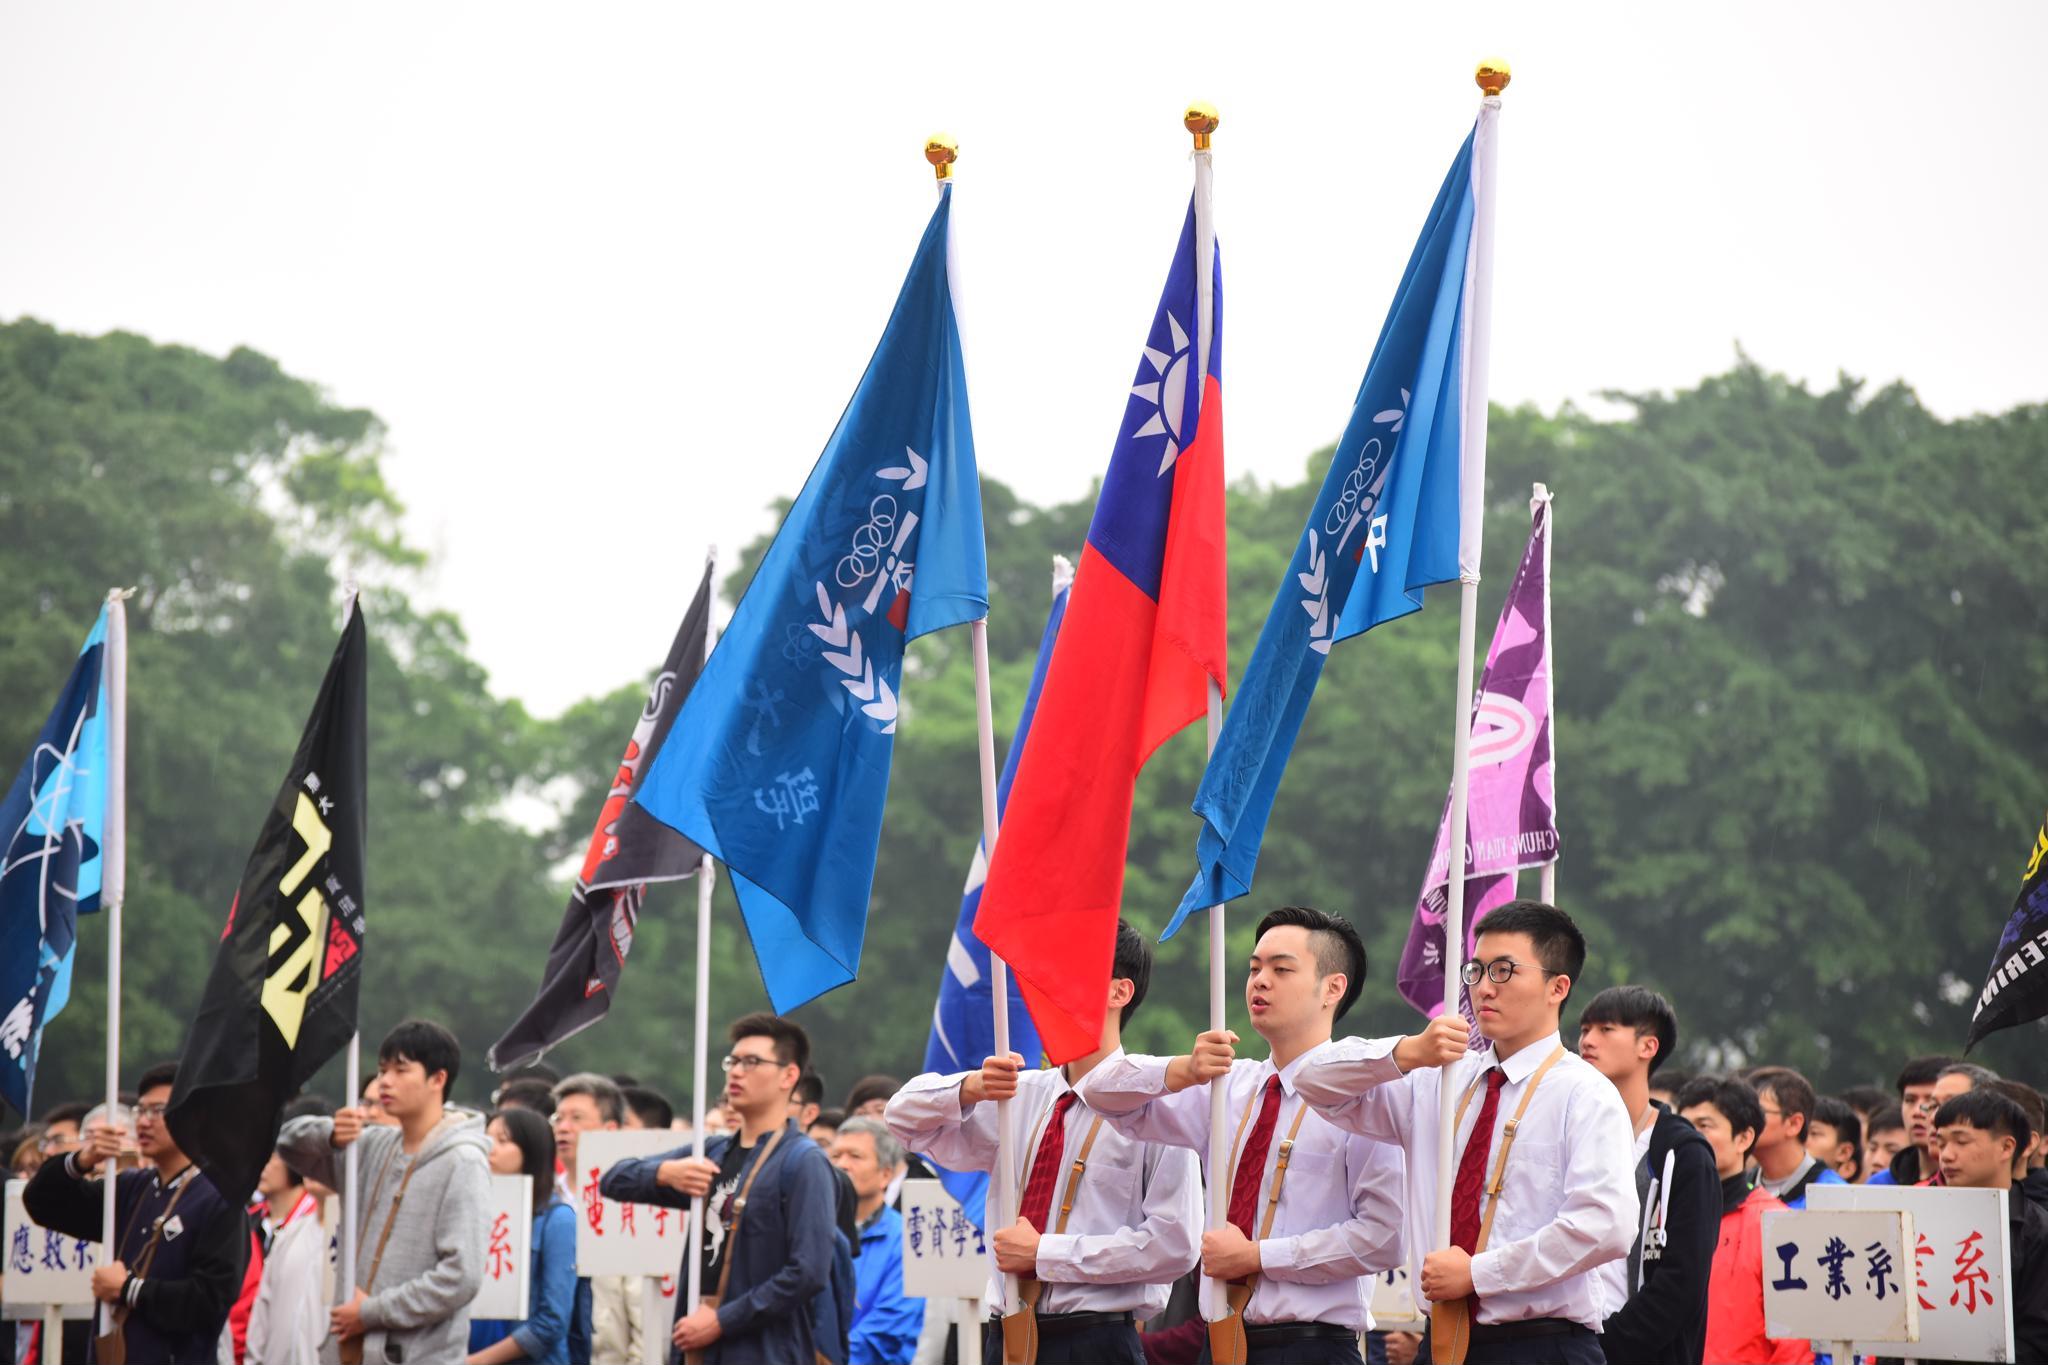 青春 汗水 榮譽 中原第62屆運動大會登場